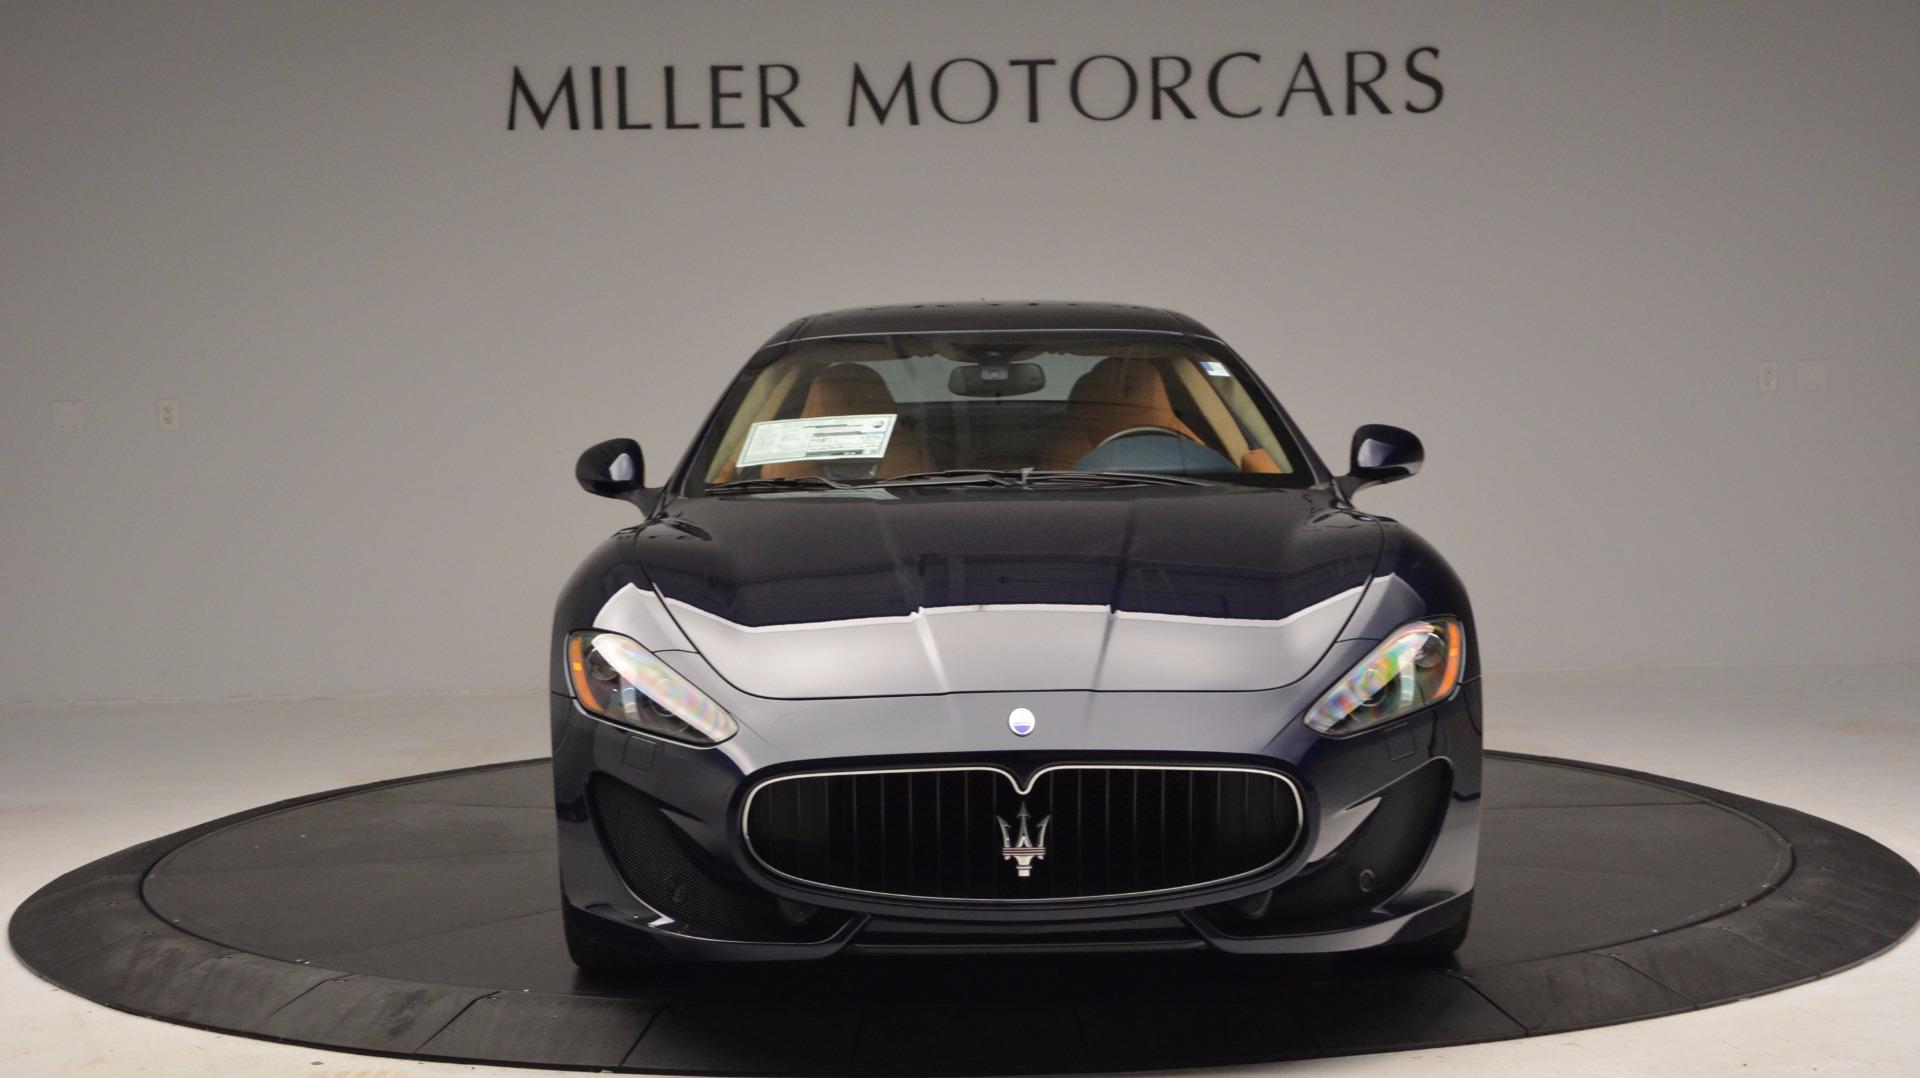 New 2017 Maserati GranTurismo Coupe Sport For Sale In Greenwich, CT 1295_p12